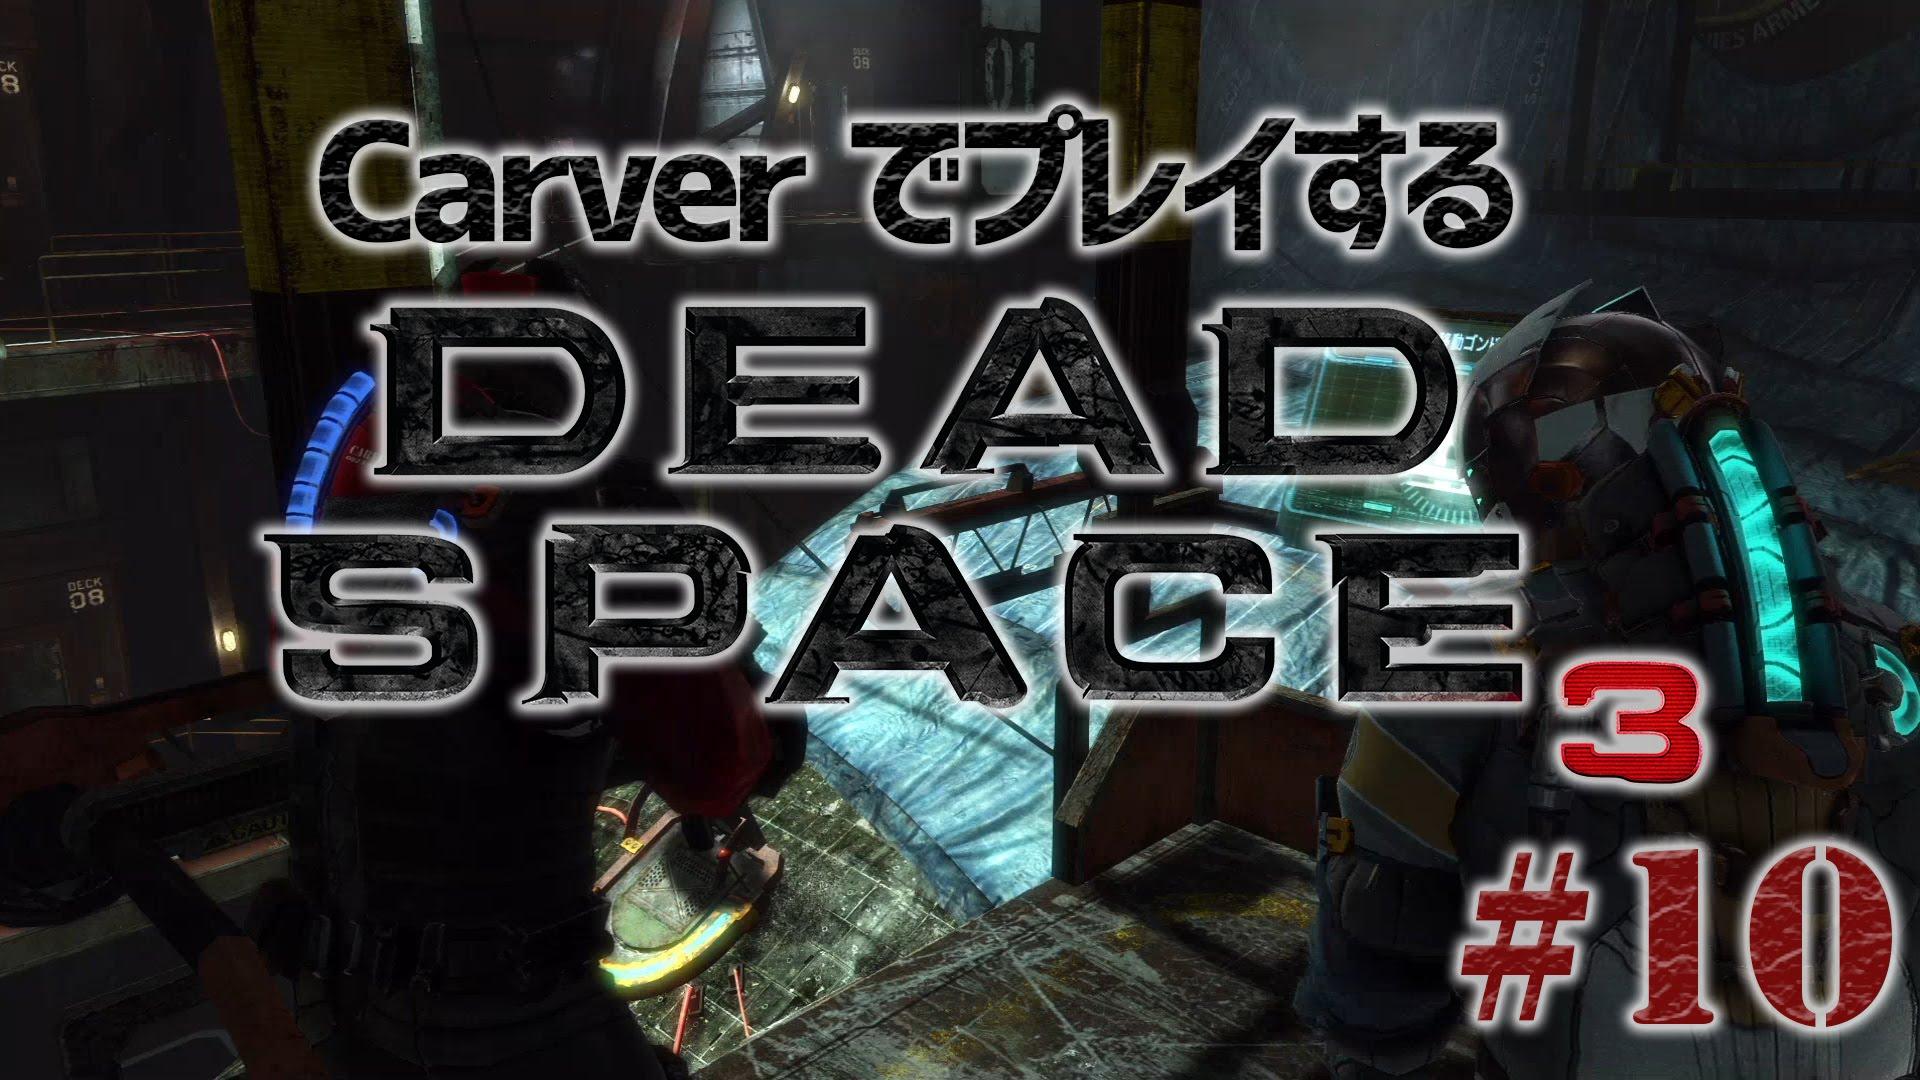 #10【日本語字幕】カーヴァーでプレイするDeadSpace3